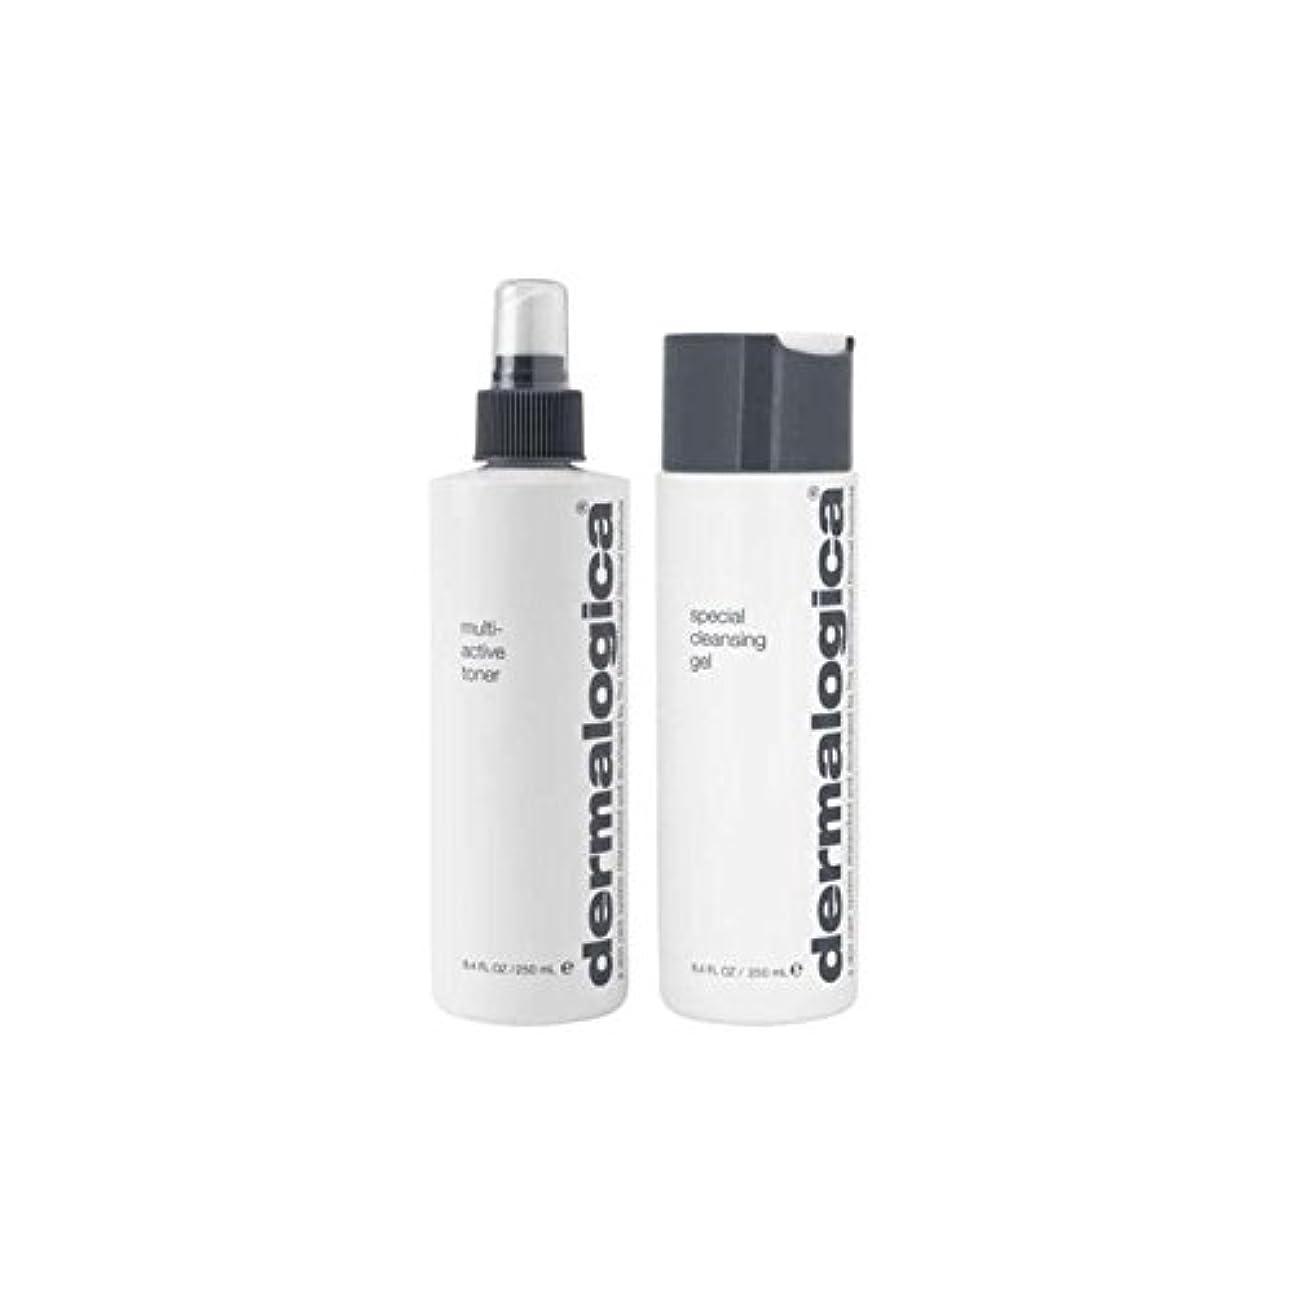 実行可能遠近法ダーリンDermalogica Cleanse & Tone Duo - Normal/Dry Skin (2 Products) (Pack of 6) - ダーマロジカクレンジング&トーンデュオ - ノーマル/ドライスキン(...